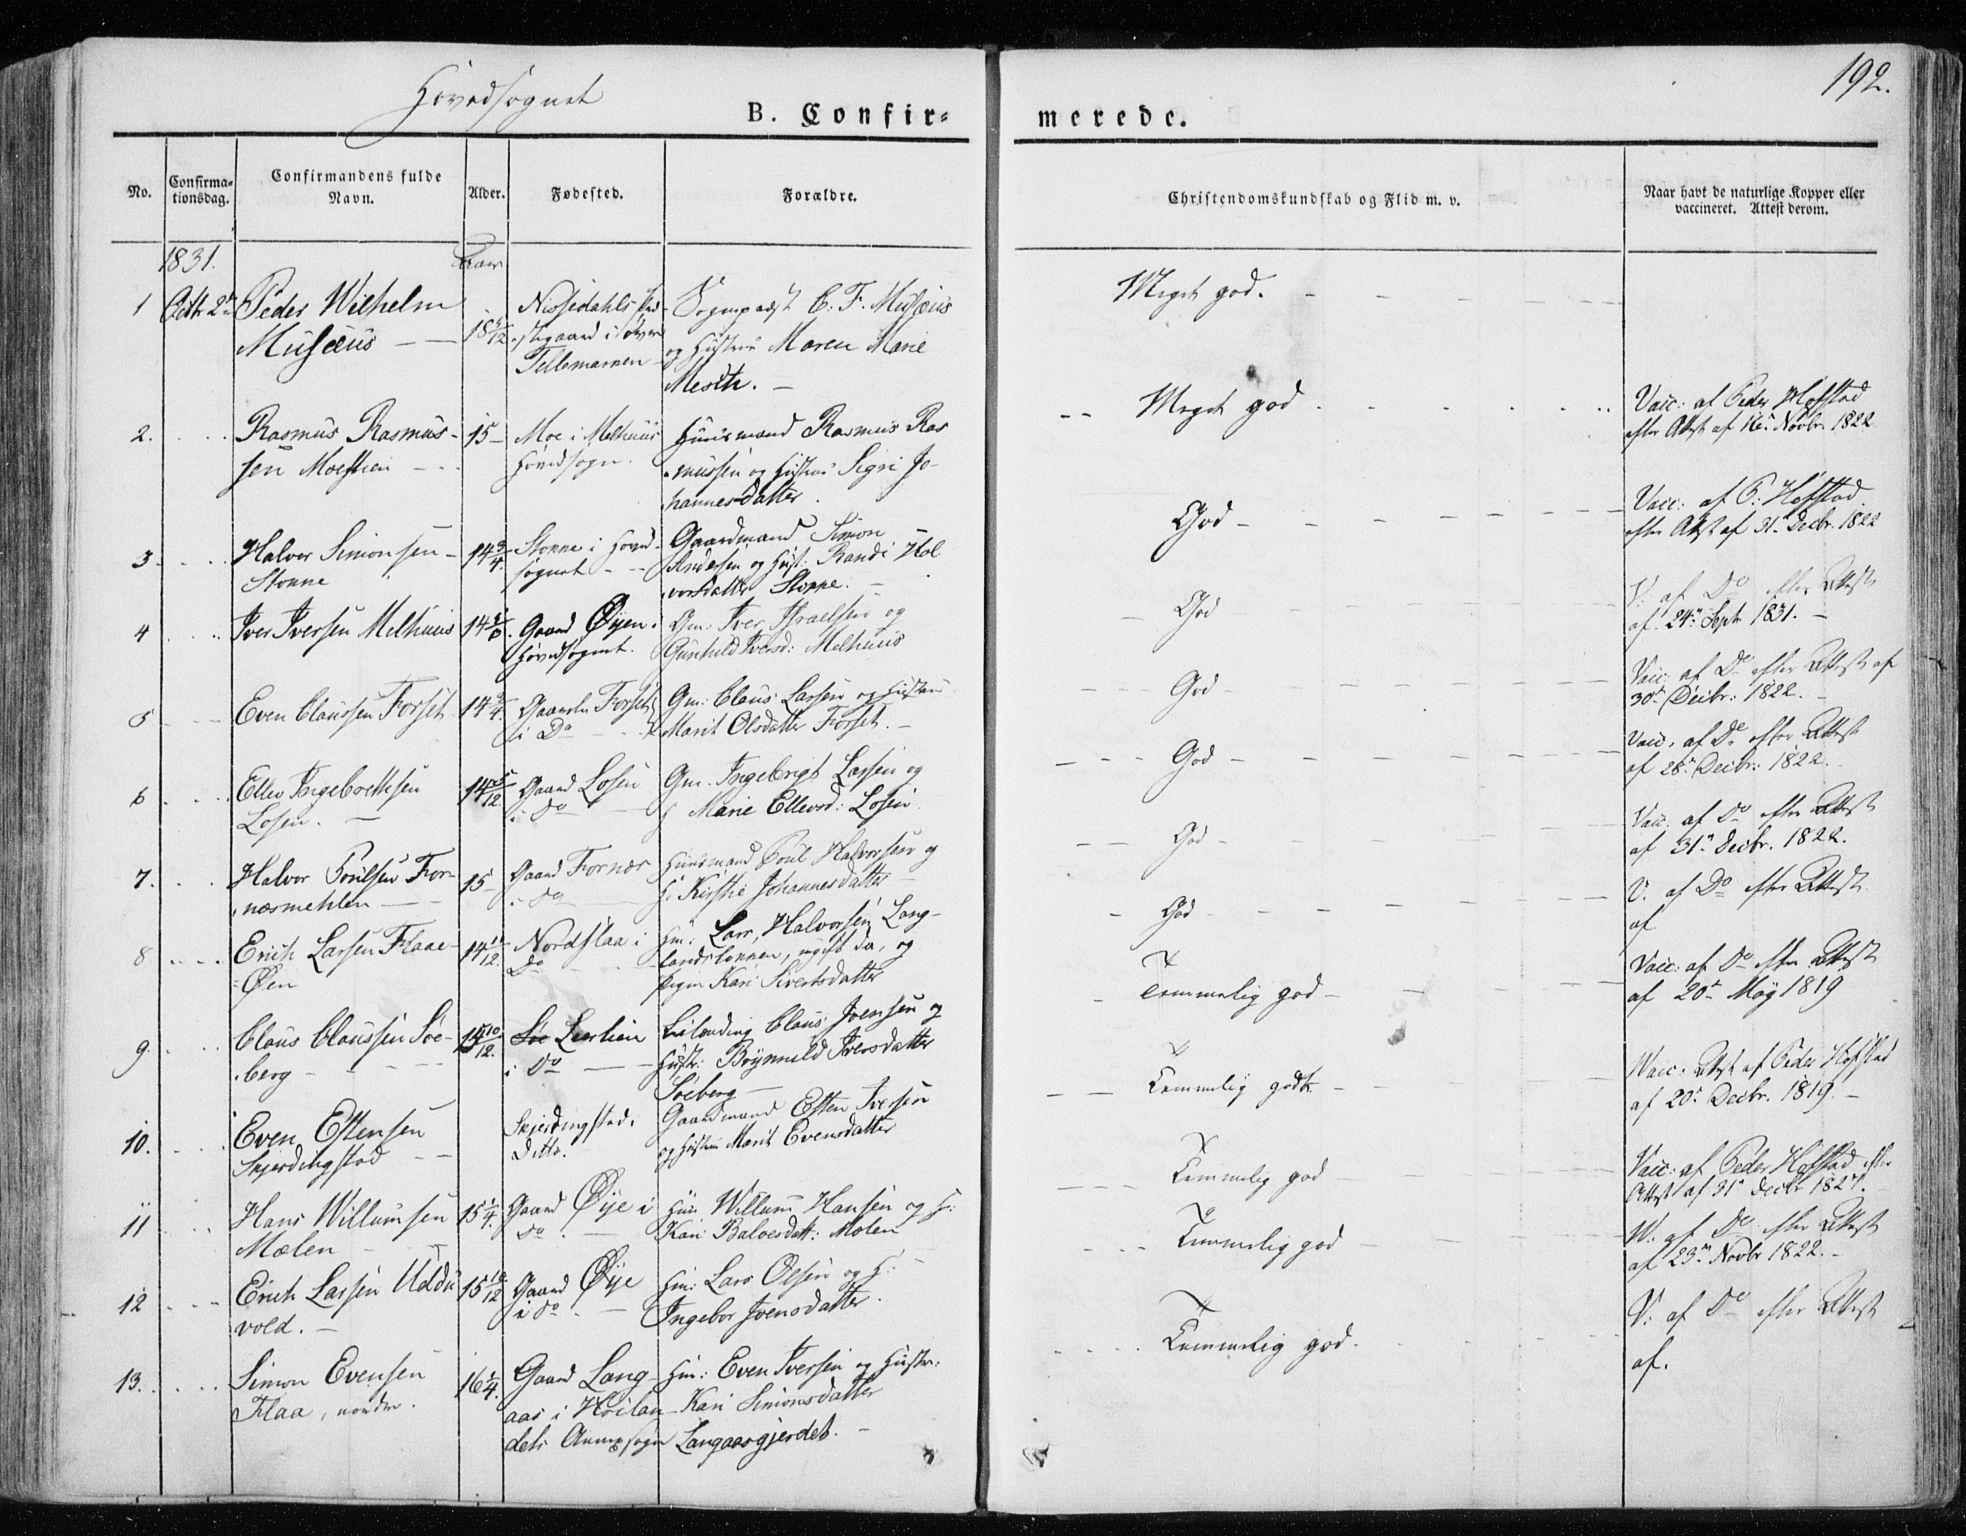 SAT, Ministerialprotokoller, klokkerbøker og fødselsregistre - Sør-Trøndelag, 691/L1069: Ministerialbok nr. 691A04, 1826-1841, s. 192